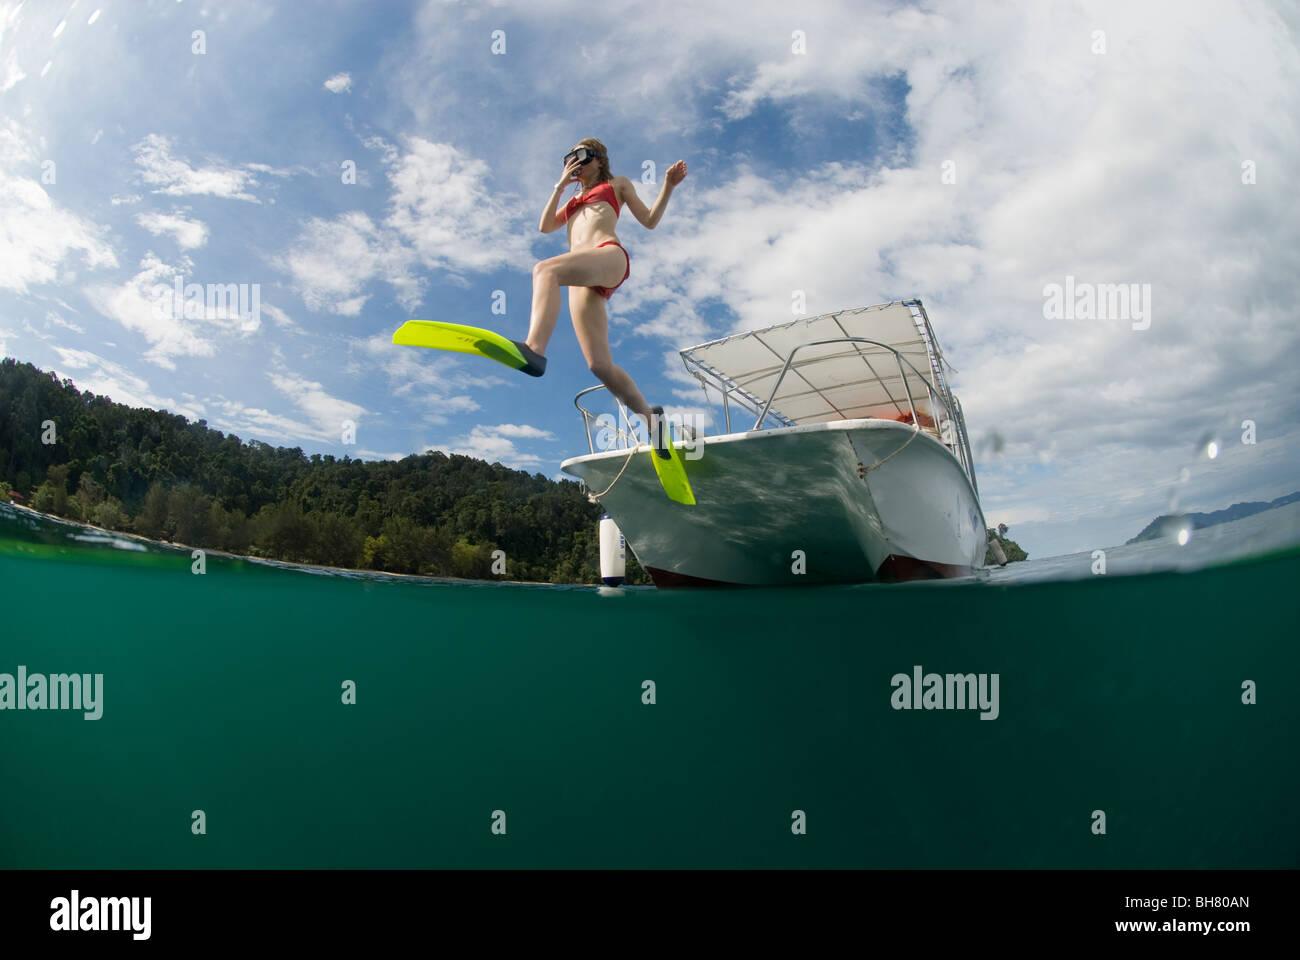 Jeune femme à l'aide de pas de géant du bateau à l'entrée de l'eau pour la plongée Photo Stock